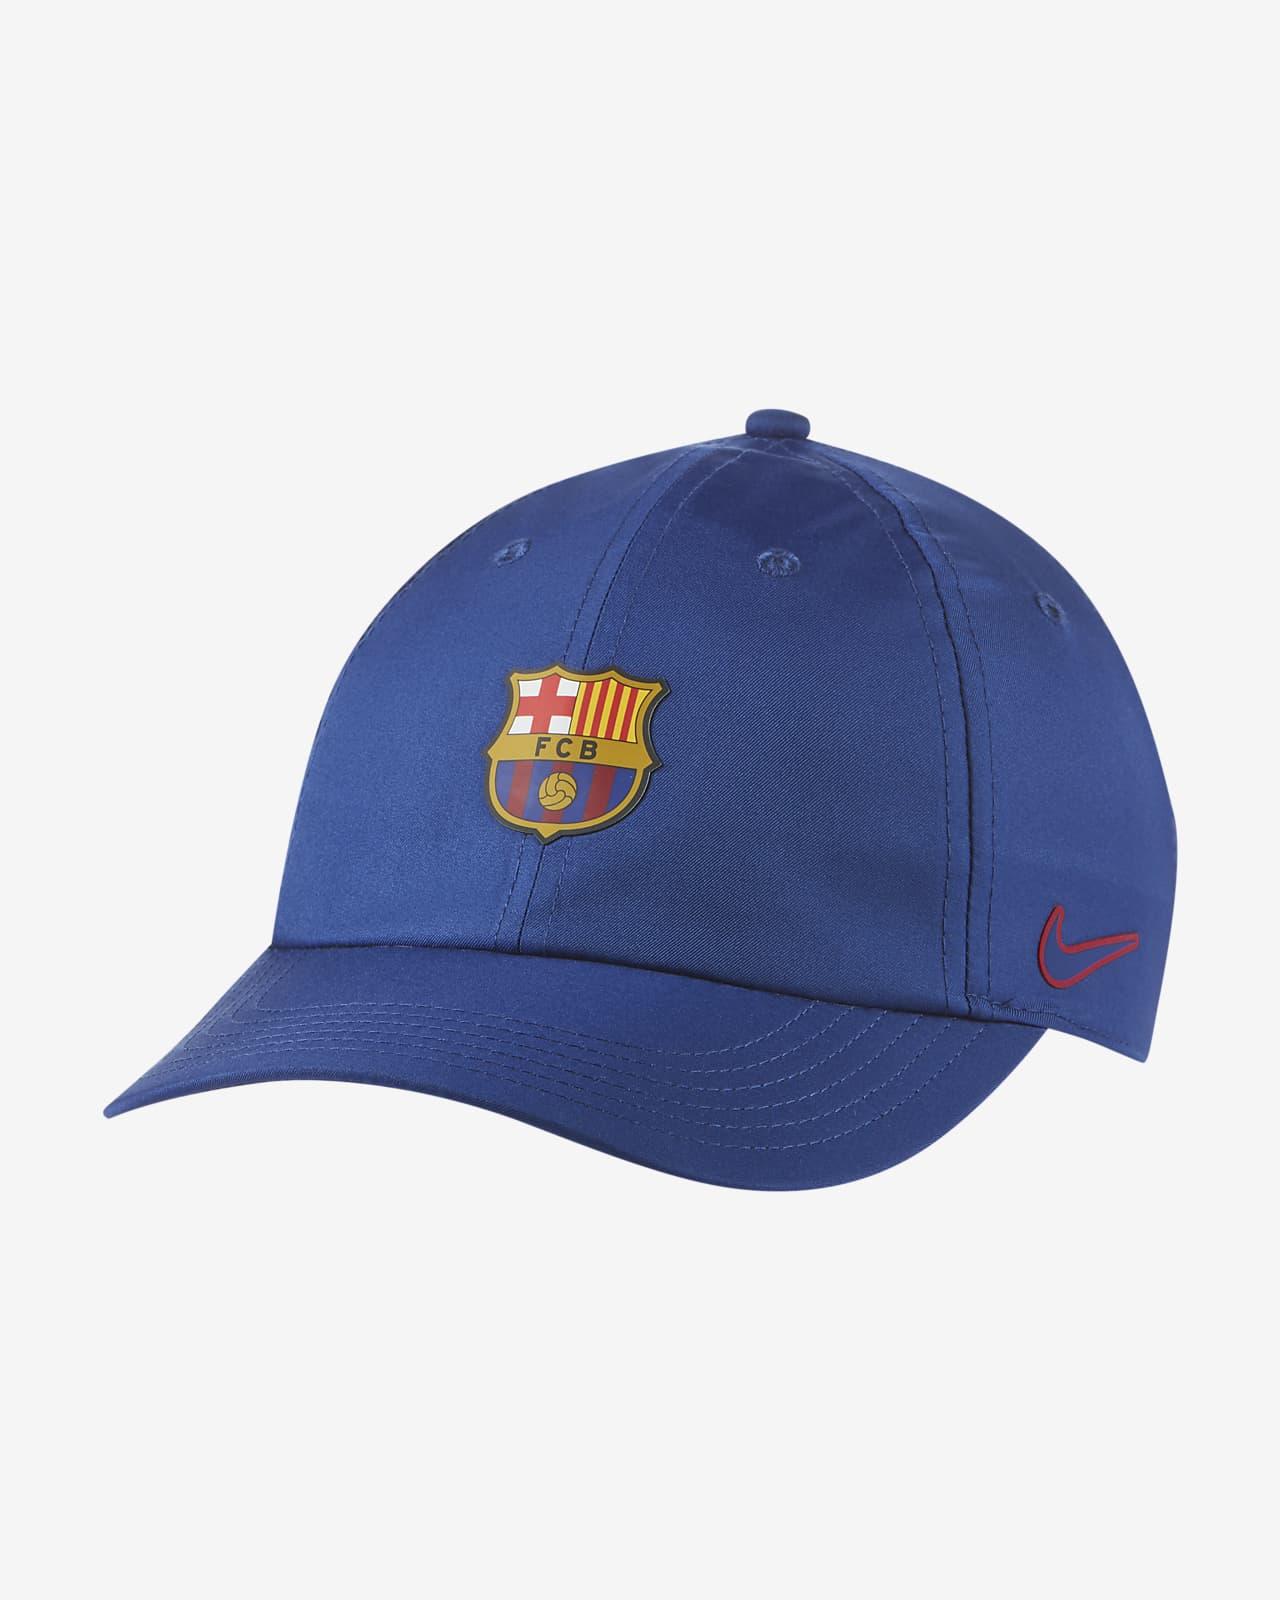 Καπέλο FC Barcelona Heritage86 για παιδιά